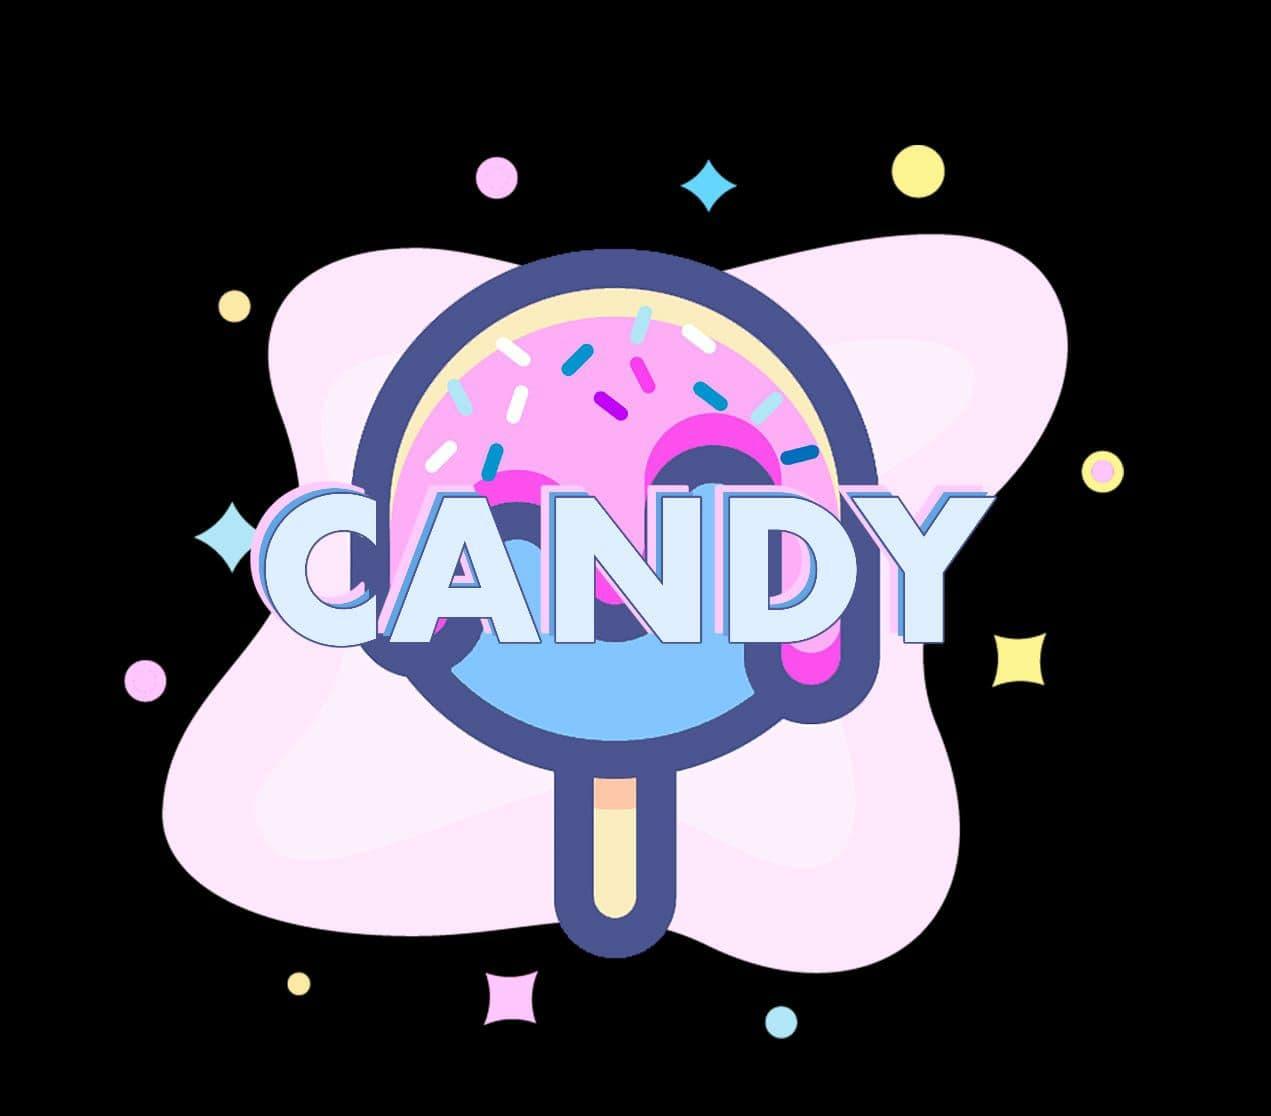 вебкам студия Candy